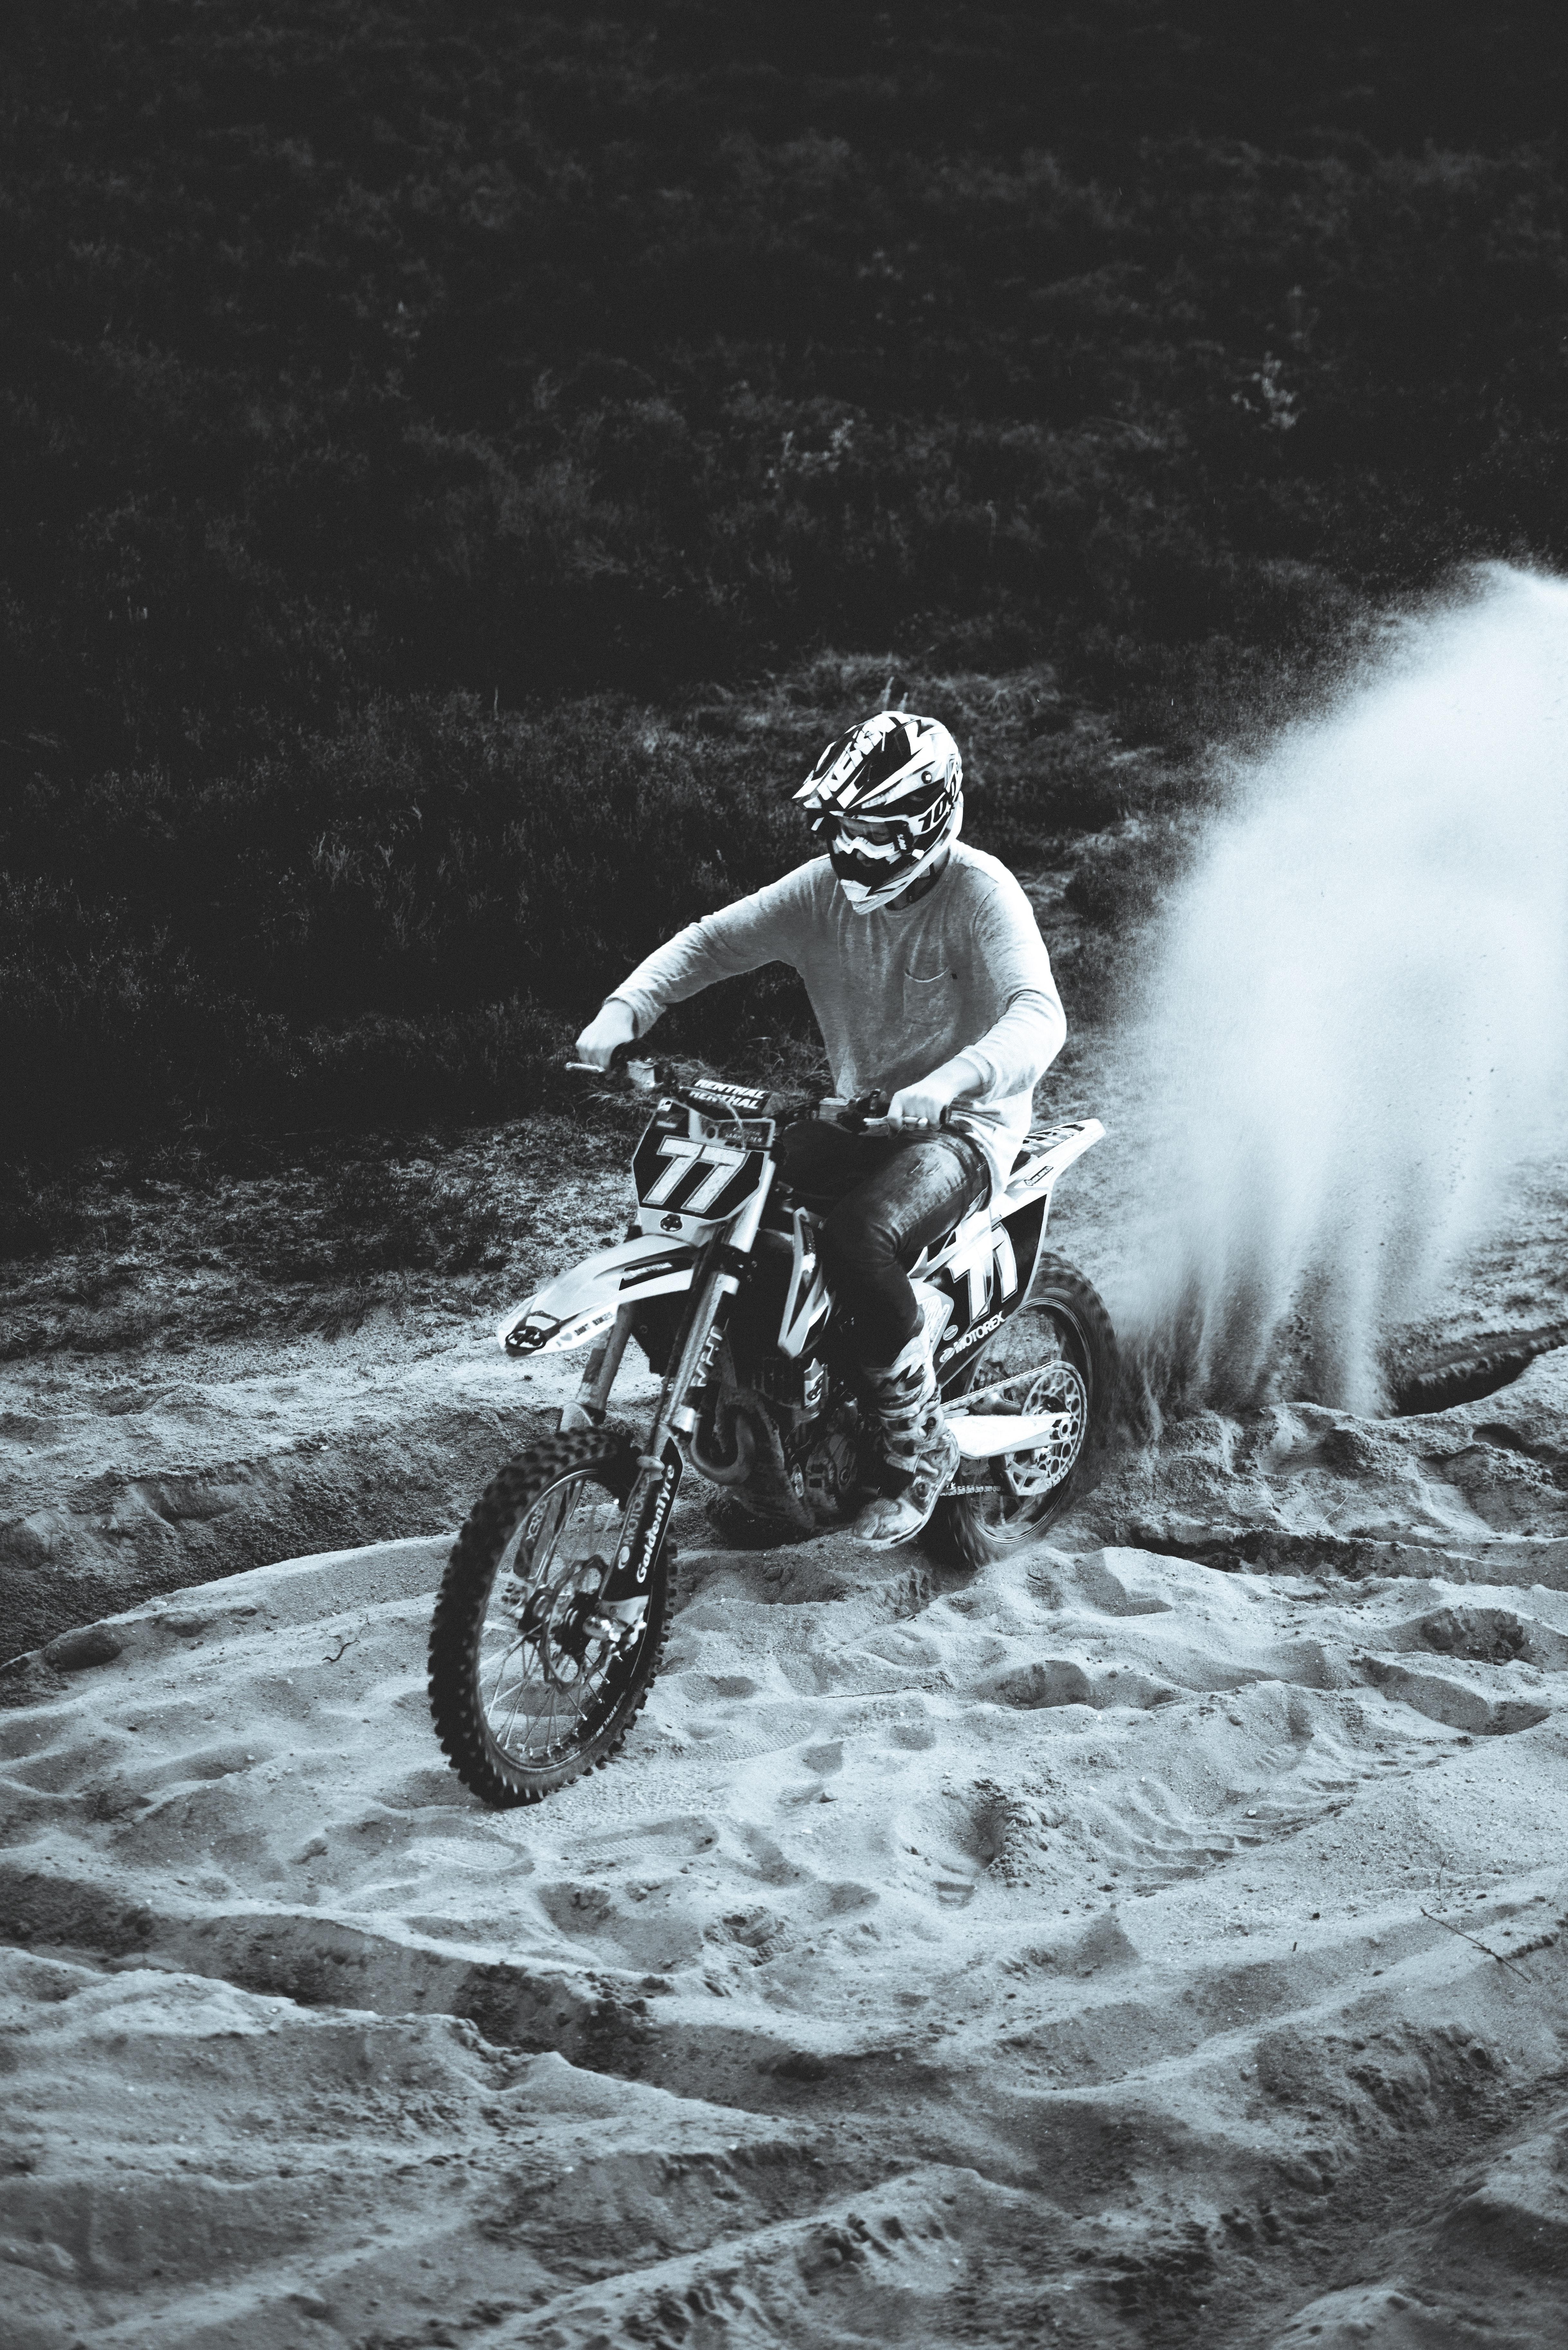 142771 скачать обои Песок, Мотоциклы, Ралли, Мотоциклист, Мотоцикл, Байк, Черно-Белый - заставки и картинки бесплатно